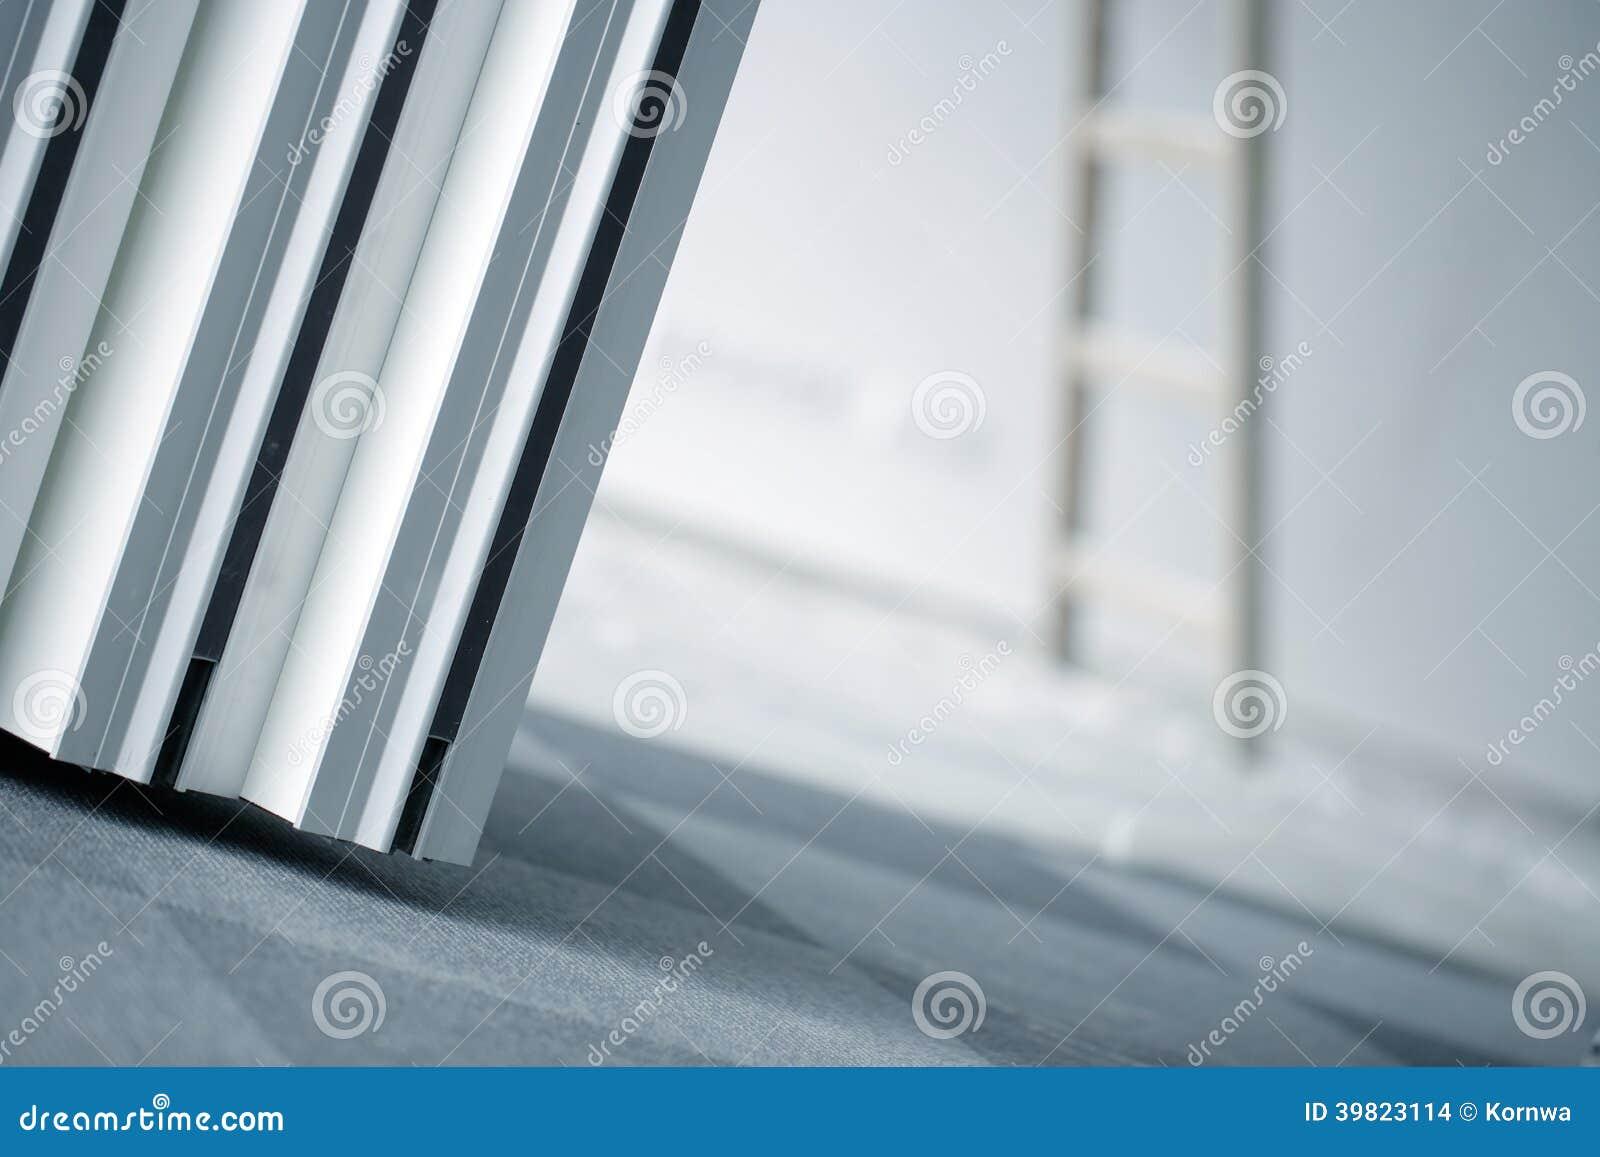 Pièce intérieure des réparations ou du nettoyage d immeuble de bureaux